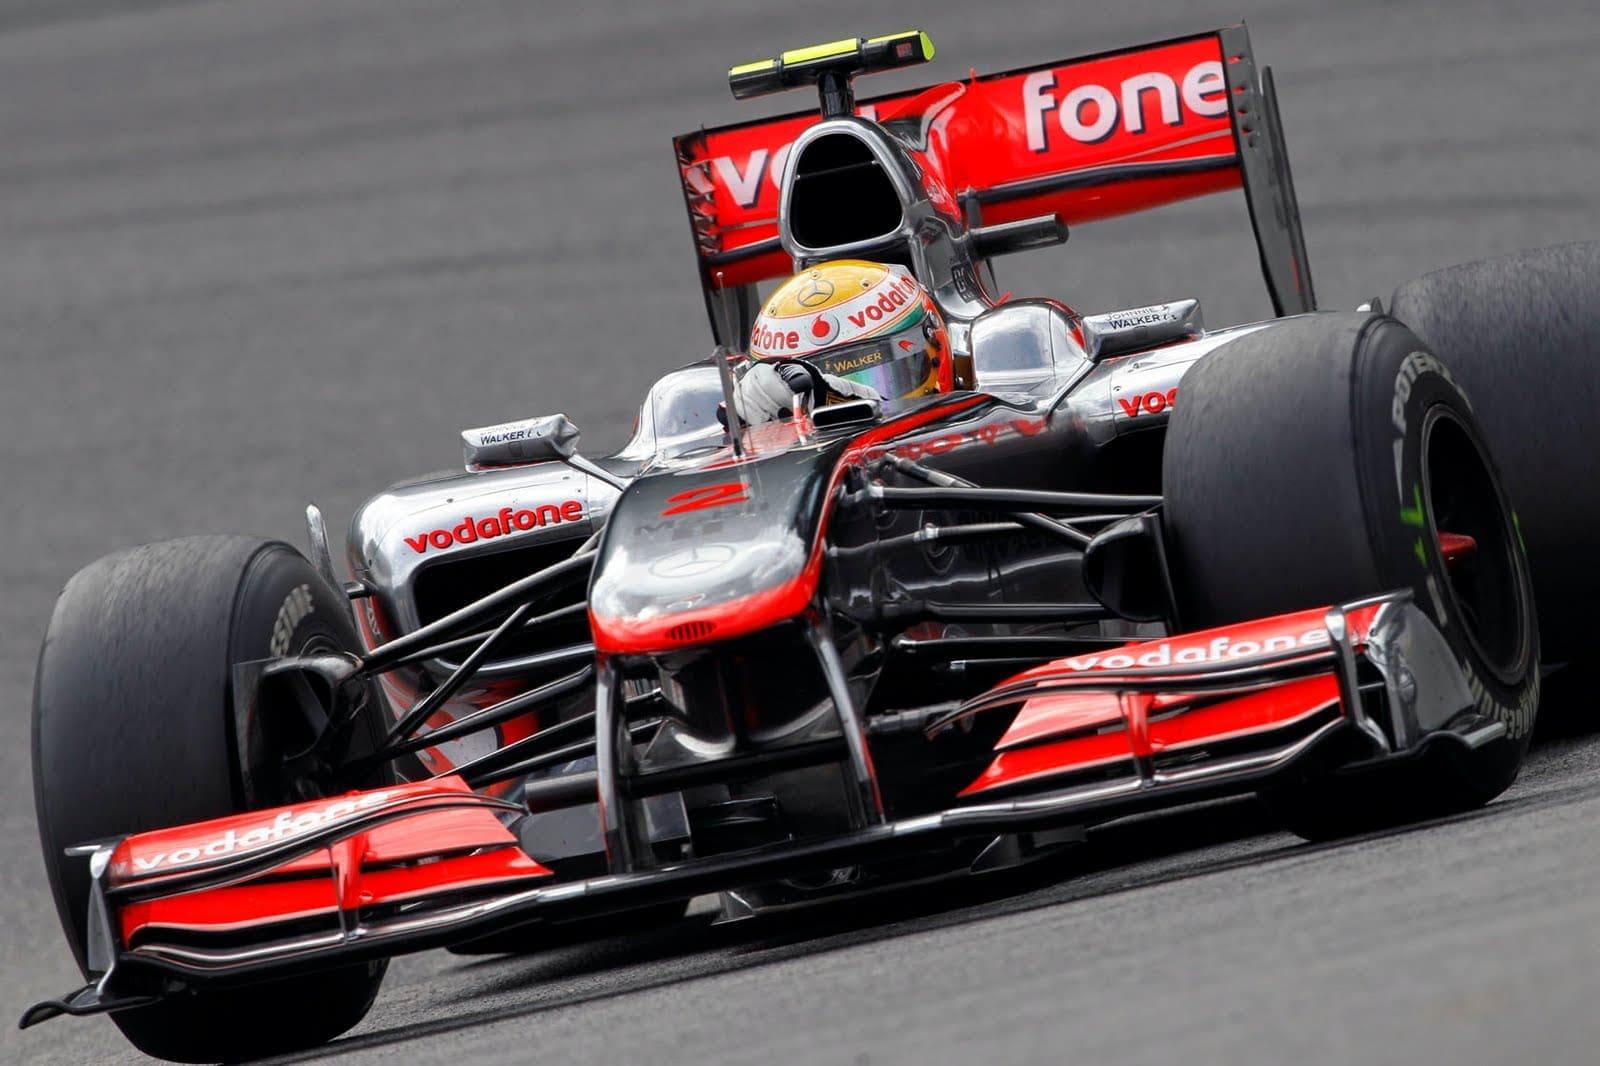 mclaren-formula-1-2011